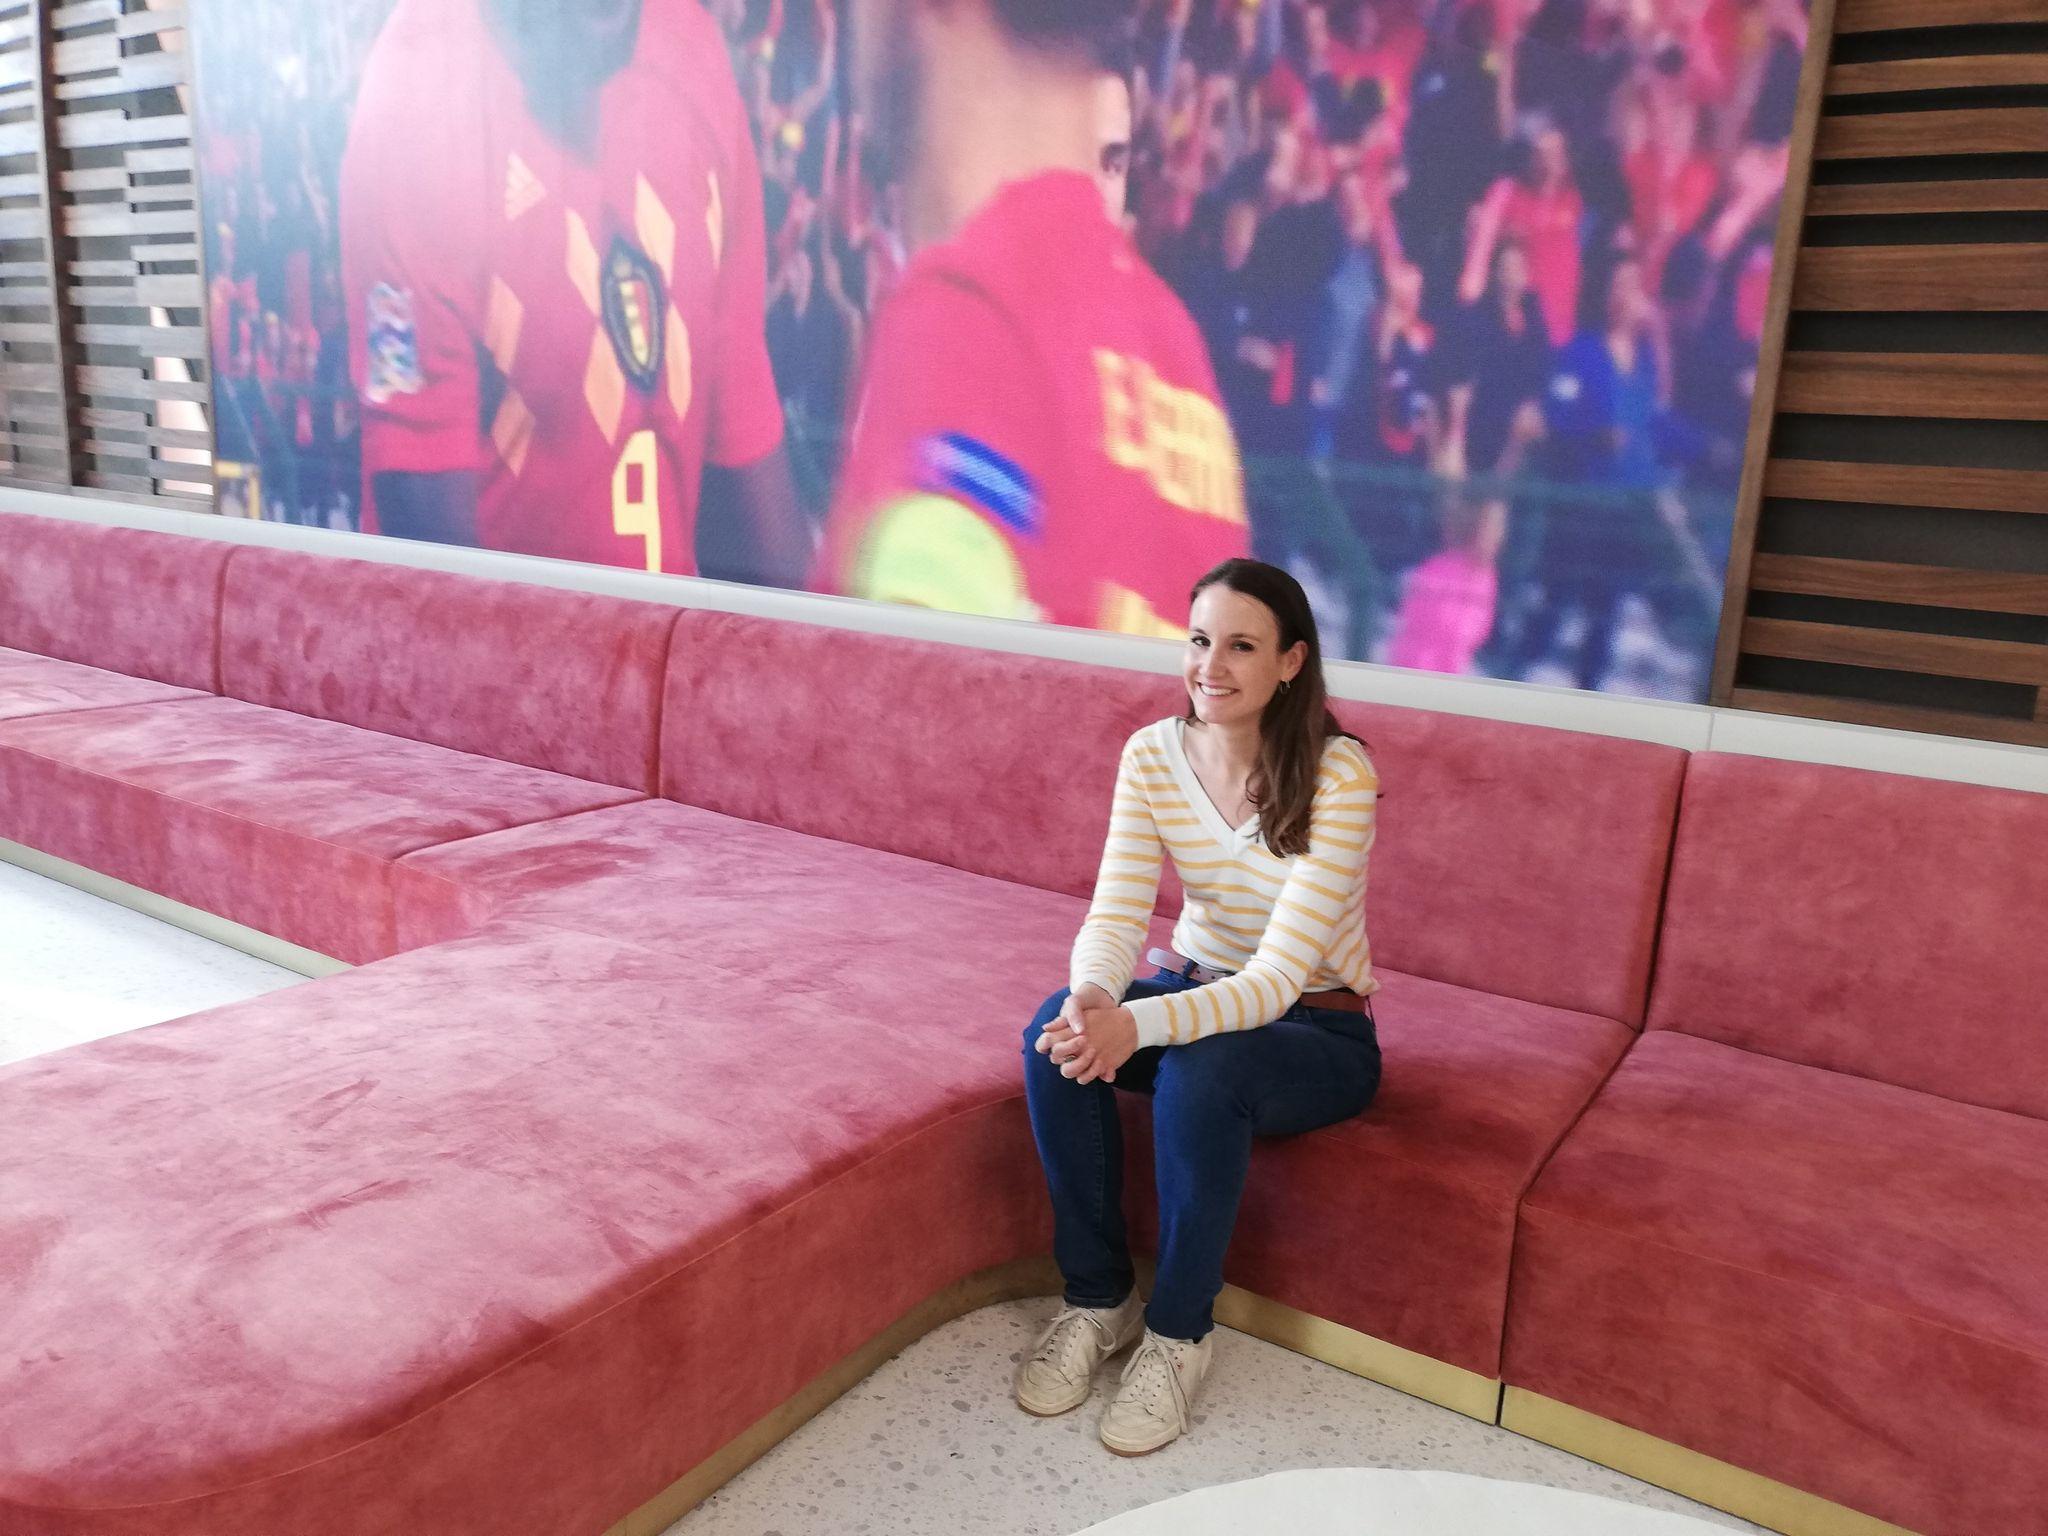 Romina Van Camp op een zetel